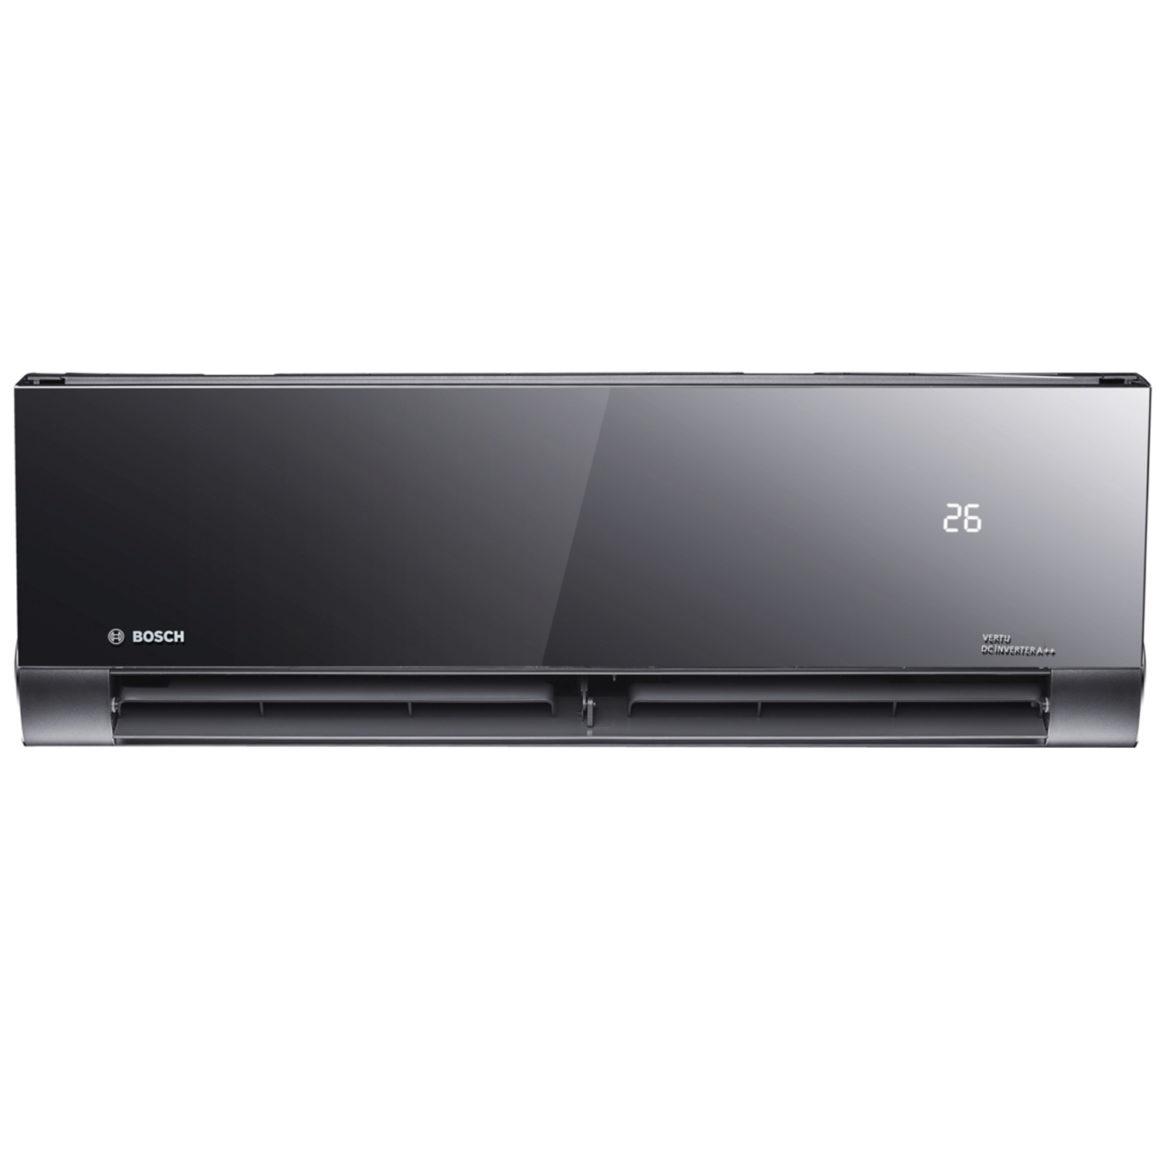 کولرگازی بوش 36000 مدل B1ZMI36922